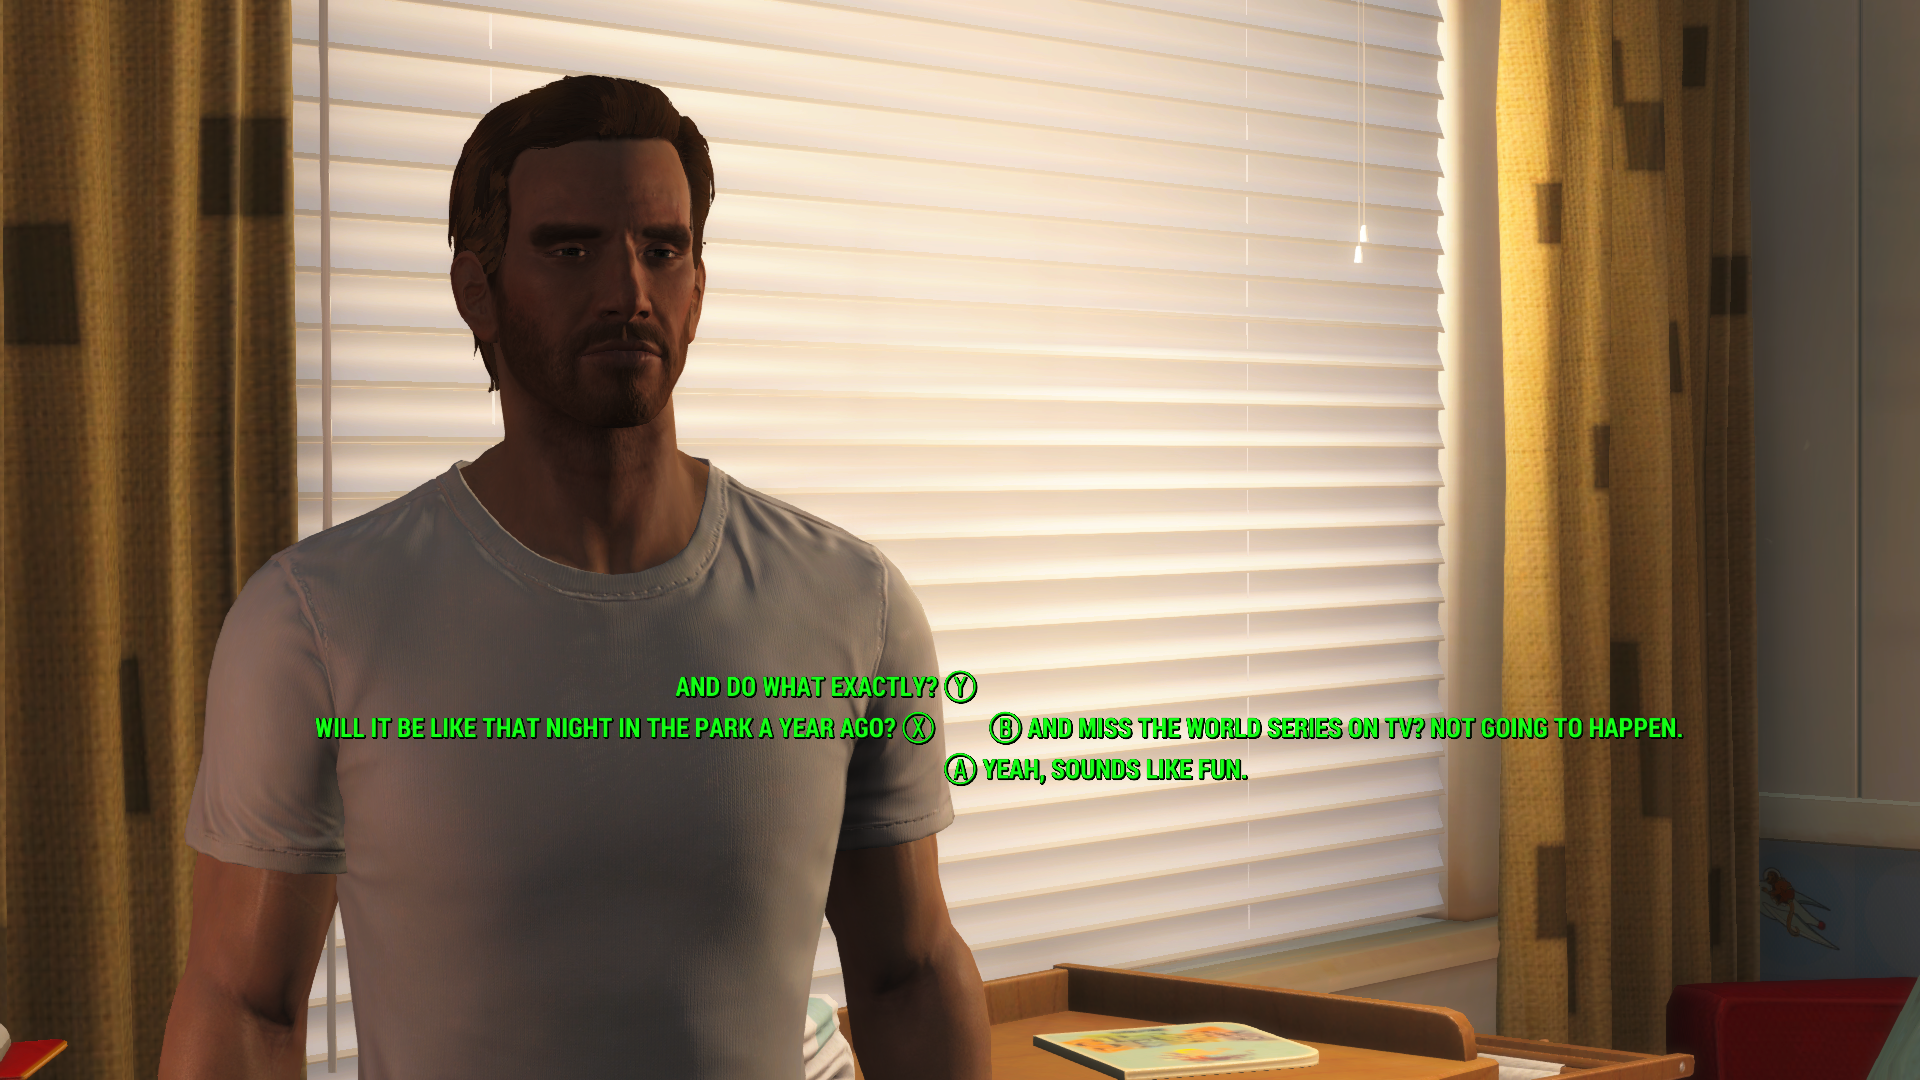 Fanouškovká modifikace vylepšuje dialogy ve Falloutu 4 116401